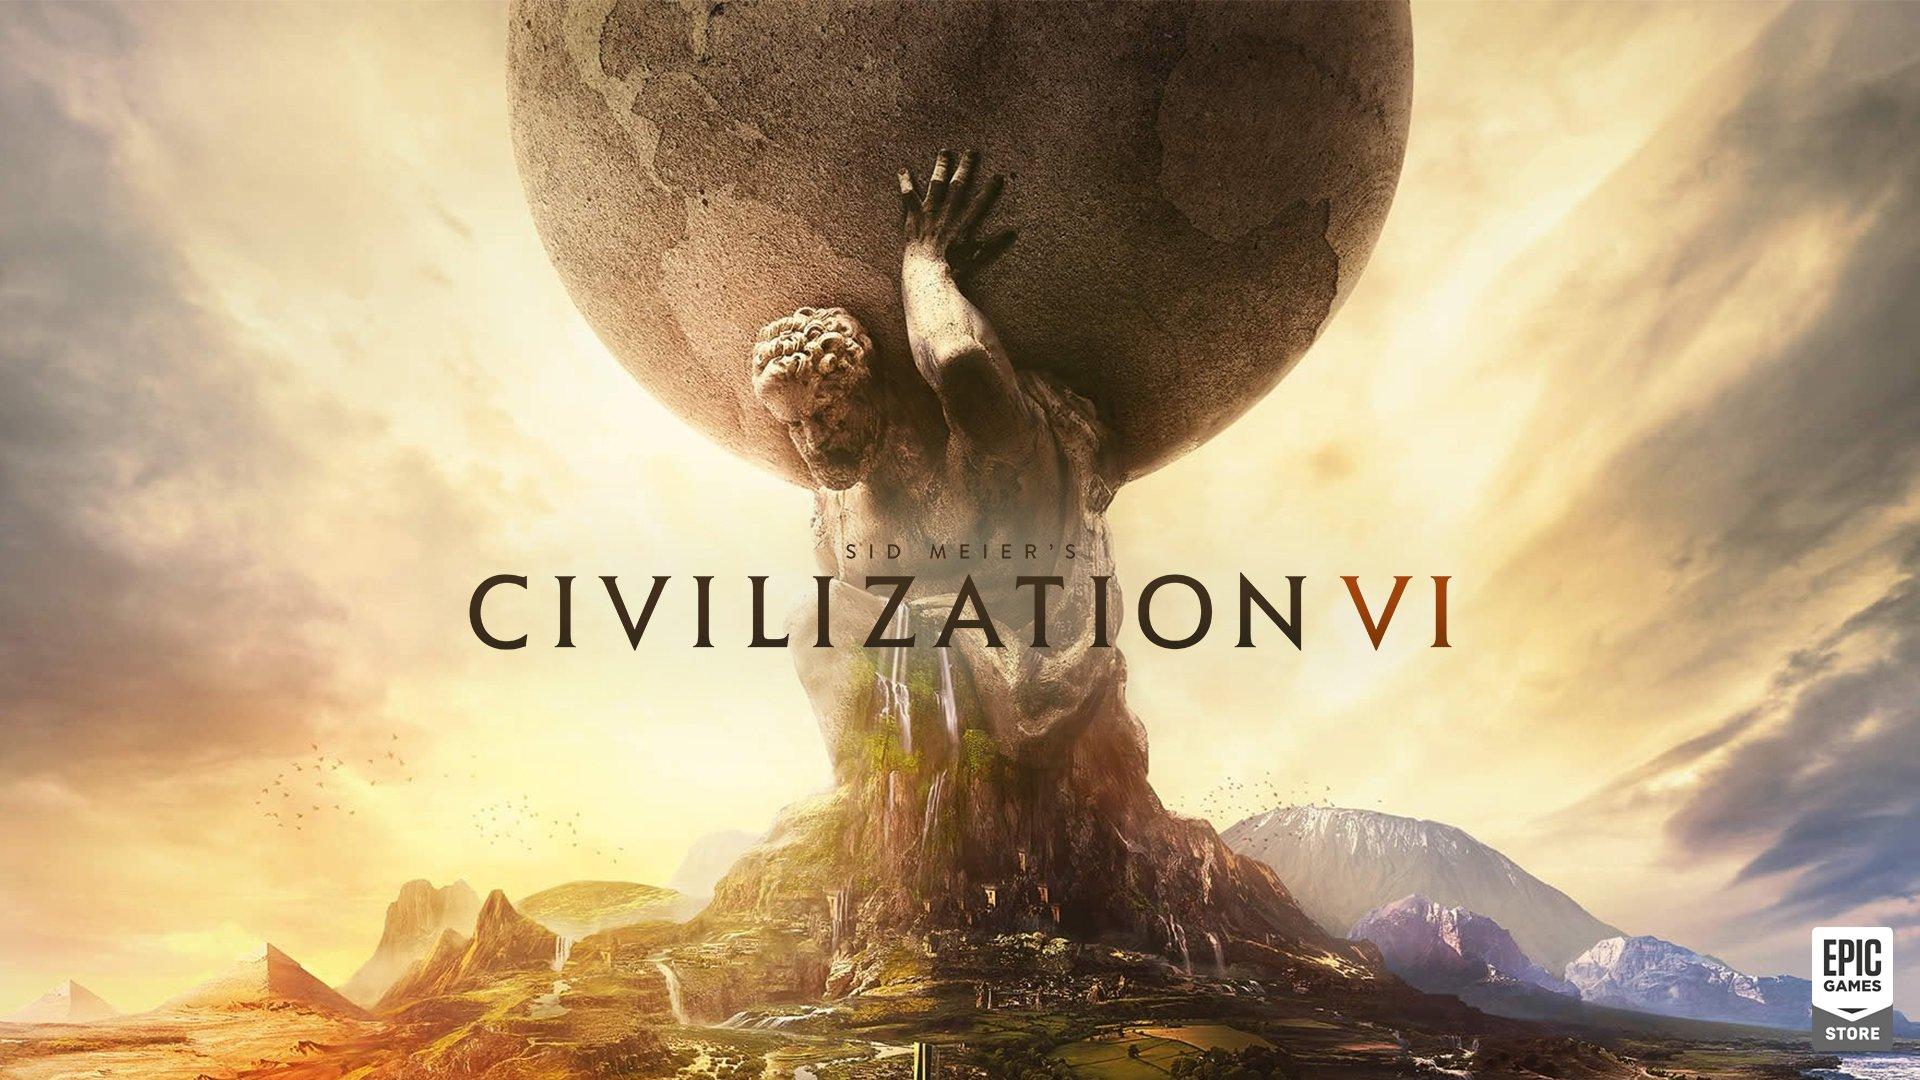 Télécharger Civilization VI gratuitement